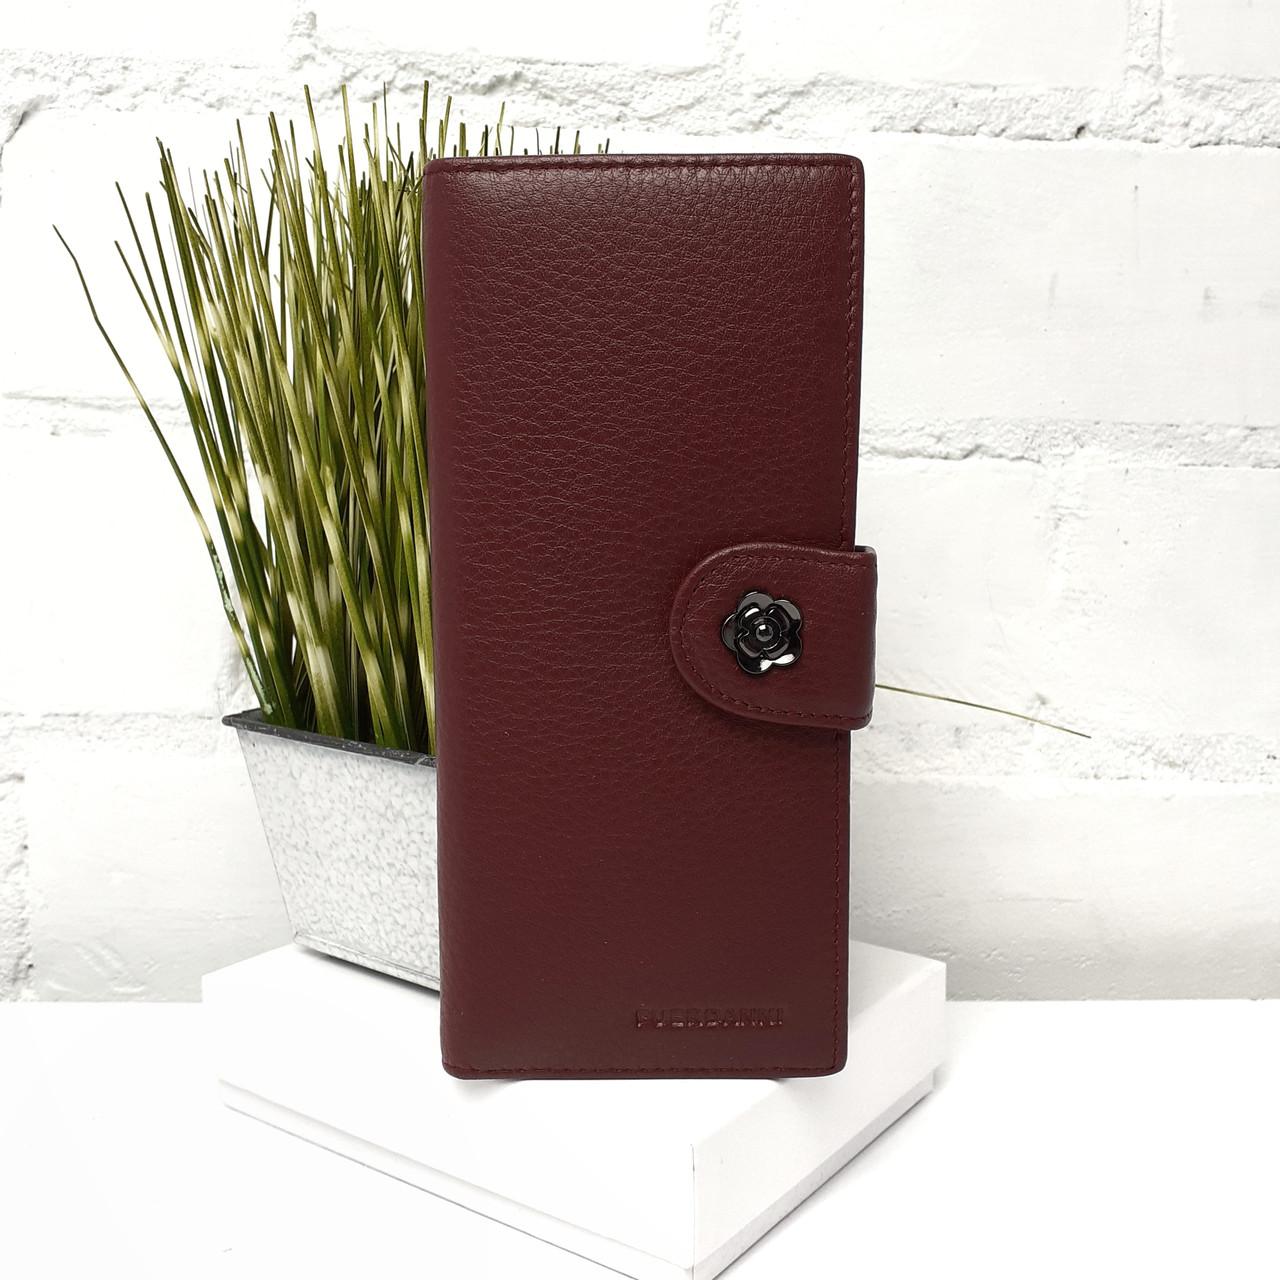 Жіночий гаманець на кнопці натуральна шкіра бордовий Арт.88006 bordeax red Fuerdanni (Китай)